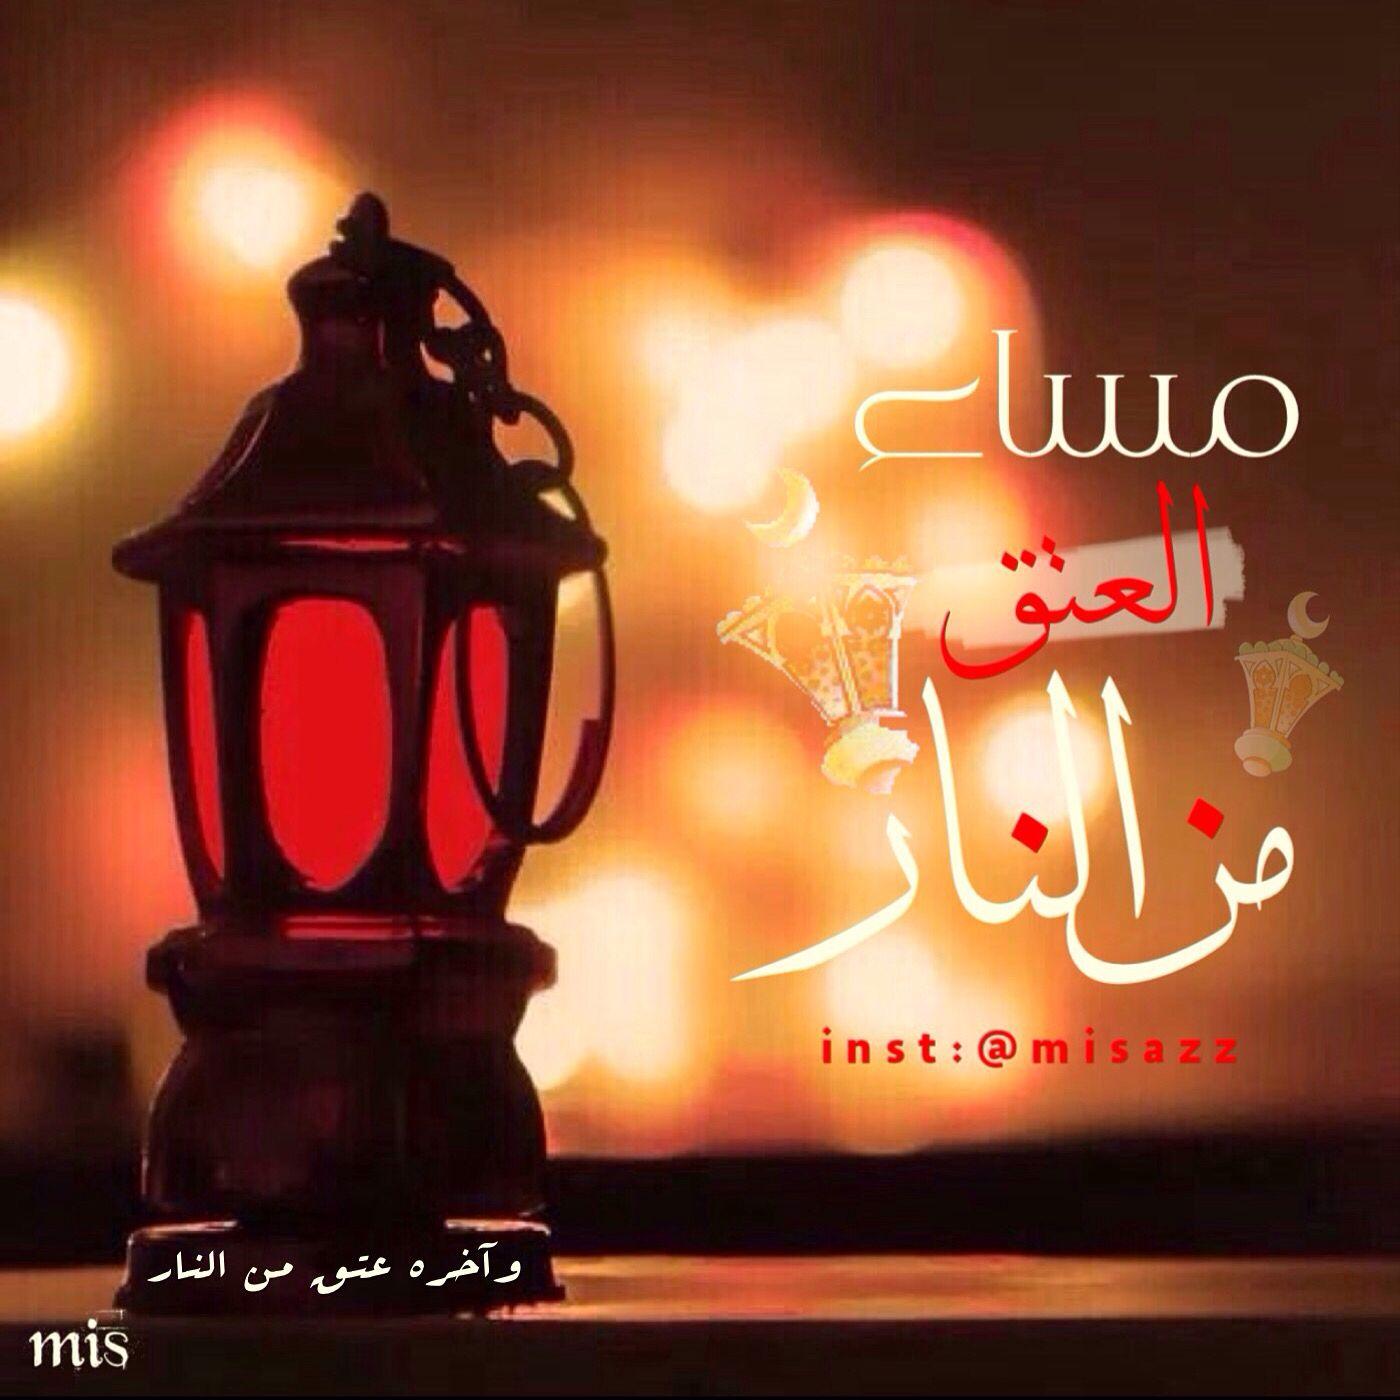 مساء العتق من النار واخره عتق من النار رمضان Novelty Lamp Table Lamp Lamp